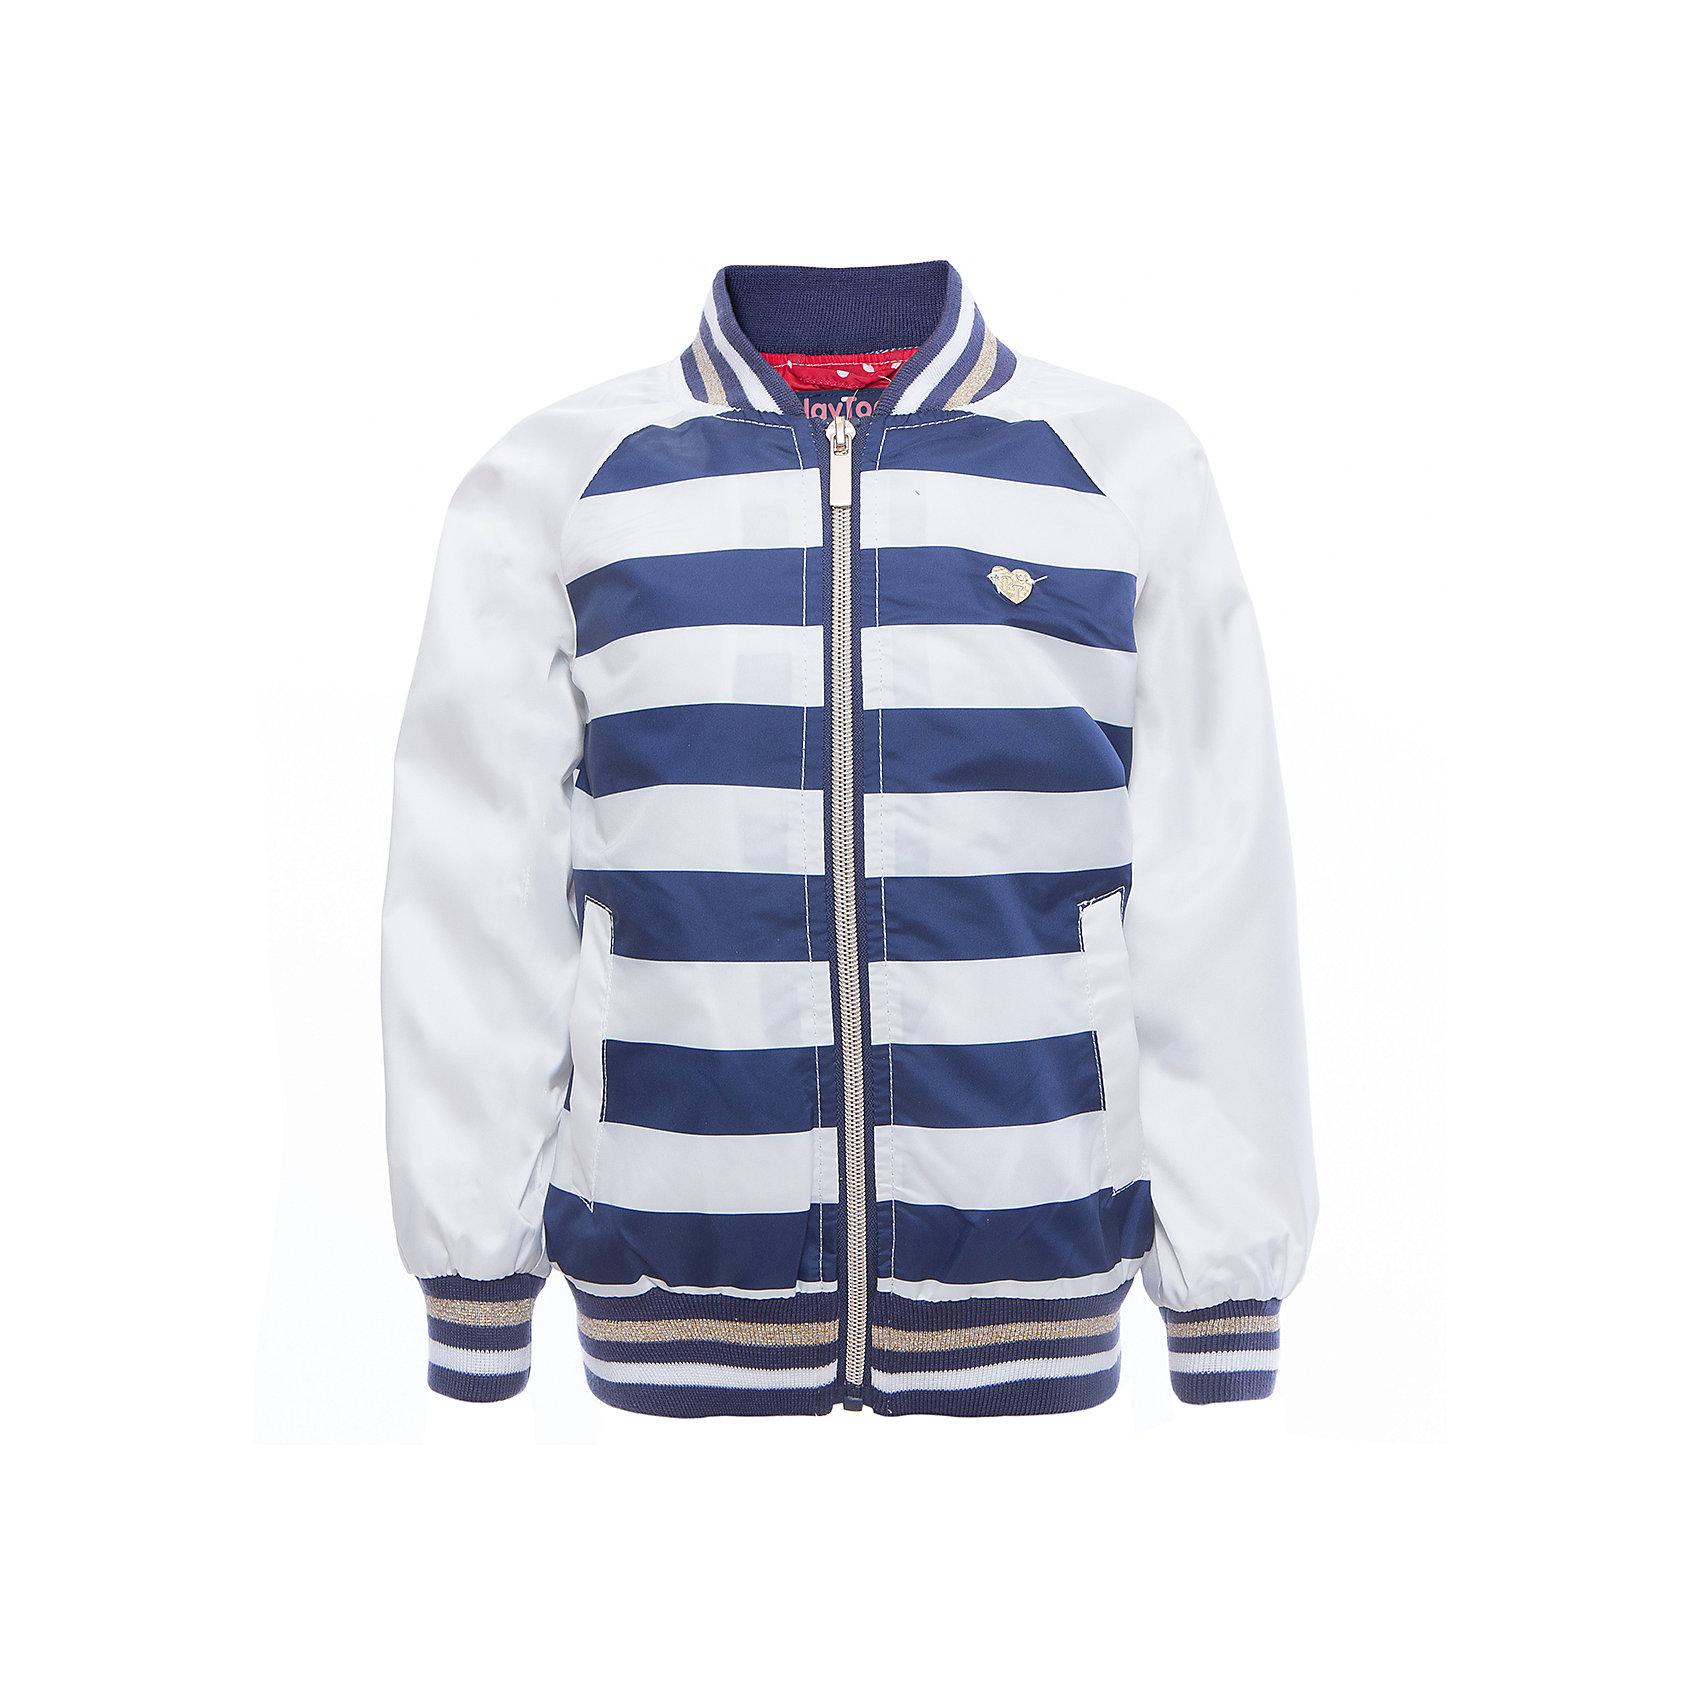 Куртка для девочки PlayTodayВерхняя одежда<br>Характеристики товара:<br><br>• цвет: разноцветный<br>• состав: 100% полиэстер, подкладка: 65% полиэстер, 35% хлопок<br>• аппликация<br>• с водоотталкивающей пропиткой<br>• мягкие манжеты<br>• карманы<br>• температурный режим: от +10° до +20° С<br>• комфортная посадка<br>• коллекция: весна-лето 2017<br>• страна бренда: Германия<br>• страна производства: Китай<br><br>Популярный бренд PlayToday выпустил новую коллекцию! Вещи из неё продолжают радовать покупателей удобством, стильным дизайном и продуманным кроем. Дети носят их с удовольствием. <br>Такая стильная модель обеспечит ребенку комфорт благодаря качественному материалу и продуманному крою. В составе ткани подкладки - натуральный хлопок, который позволяет коже дышать и не вызывает аллергии.<br>PlayToday - это линейка товаров, созданная специально для детей. Дизайнеры учитывают новые веяния моды и потребности детей. Порадуйте ребенка обновкой от проверенного производителя!<br><br>Куртку для девочки от известного бренда PlayToday можно купить в нашем интернет-магазине.<br><br>Ширина мм: 356<br>Глубина мм: 10<br>Высота мм: 245<br>Вес г: 519<br>Цвет: белый<br>Возраст от месяцев: 36<br>Возраст до месяцев: 48<br>Пол: Женский<br>Возраст: Детский<br>Размер: 104,122,98,110,116,128<br>SKU: 5603951